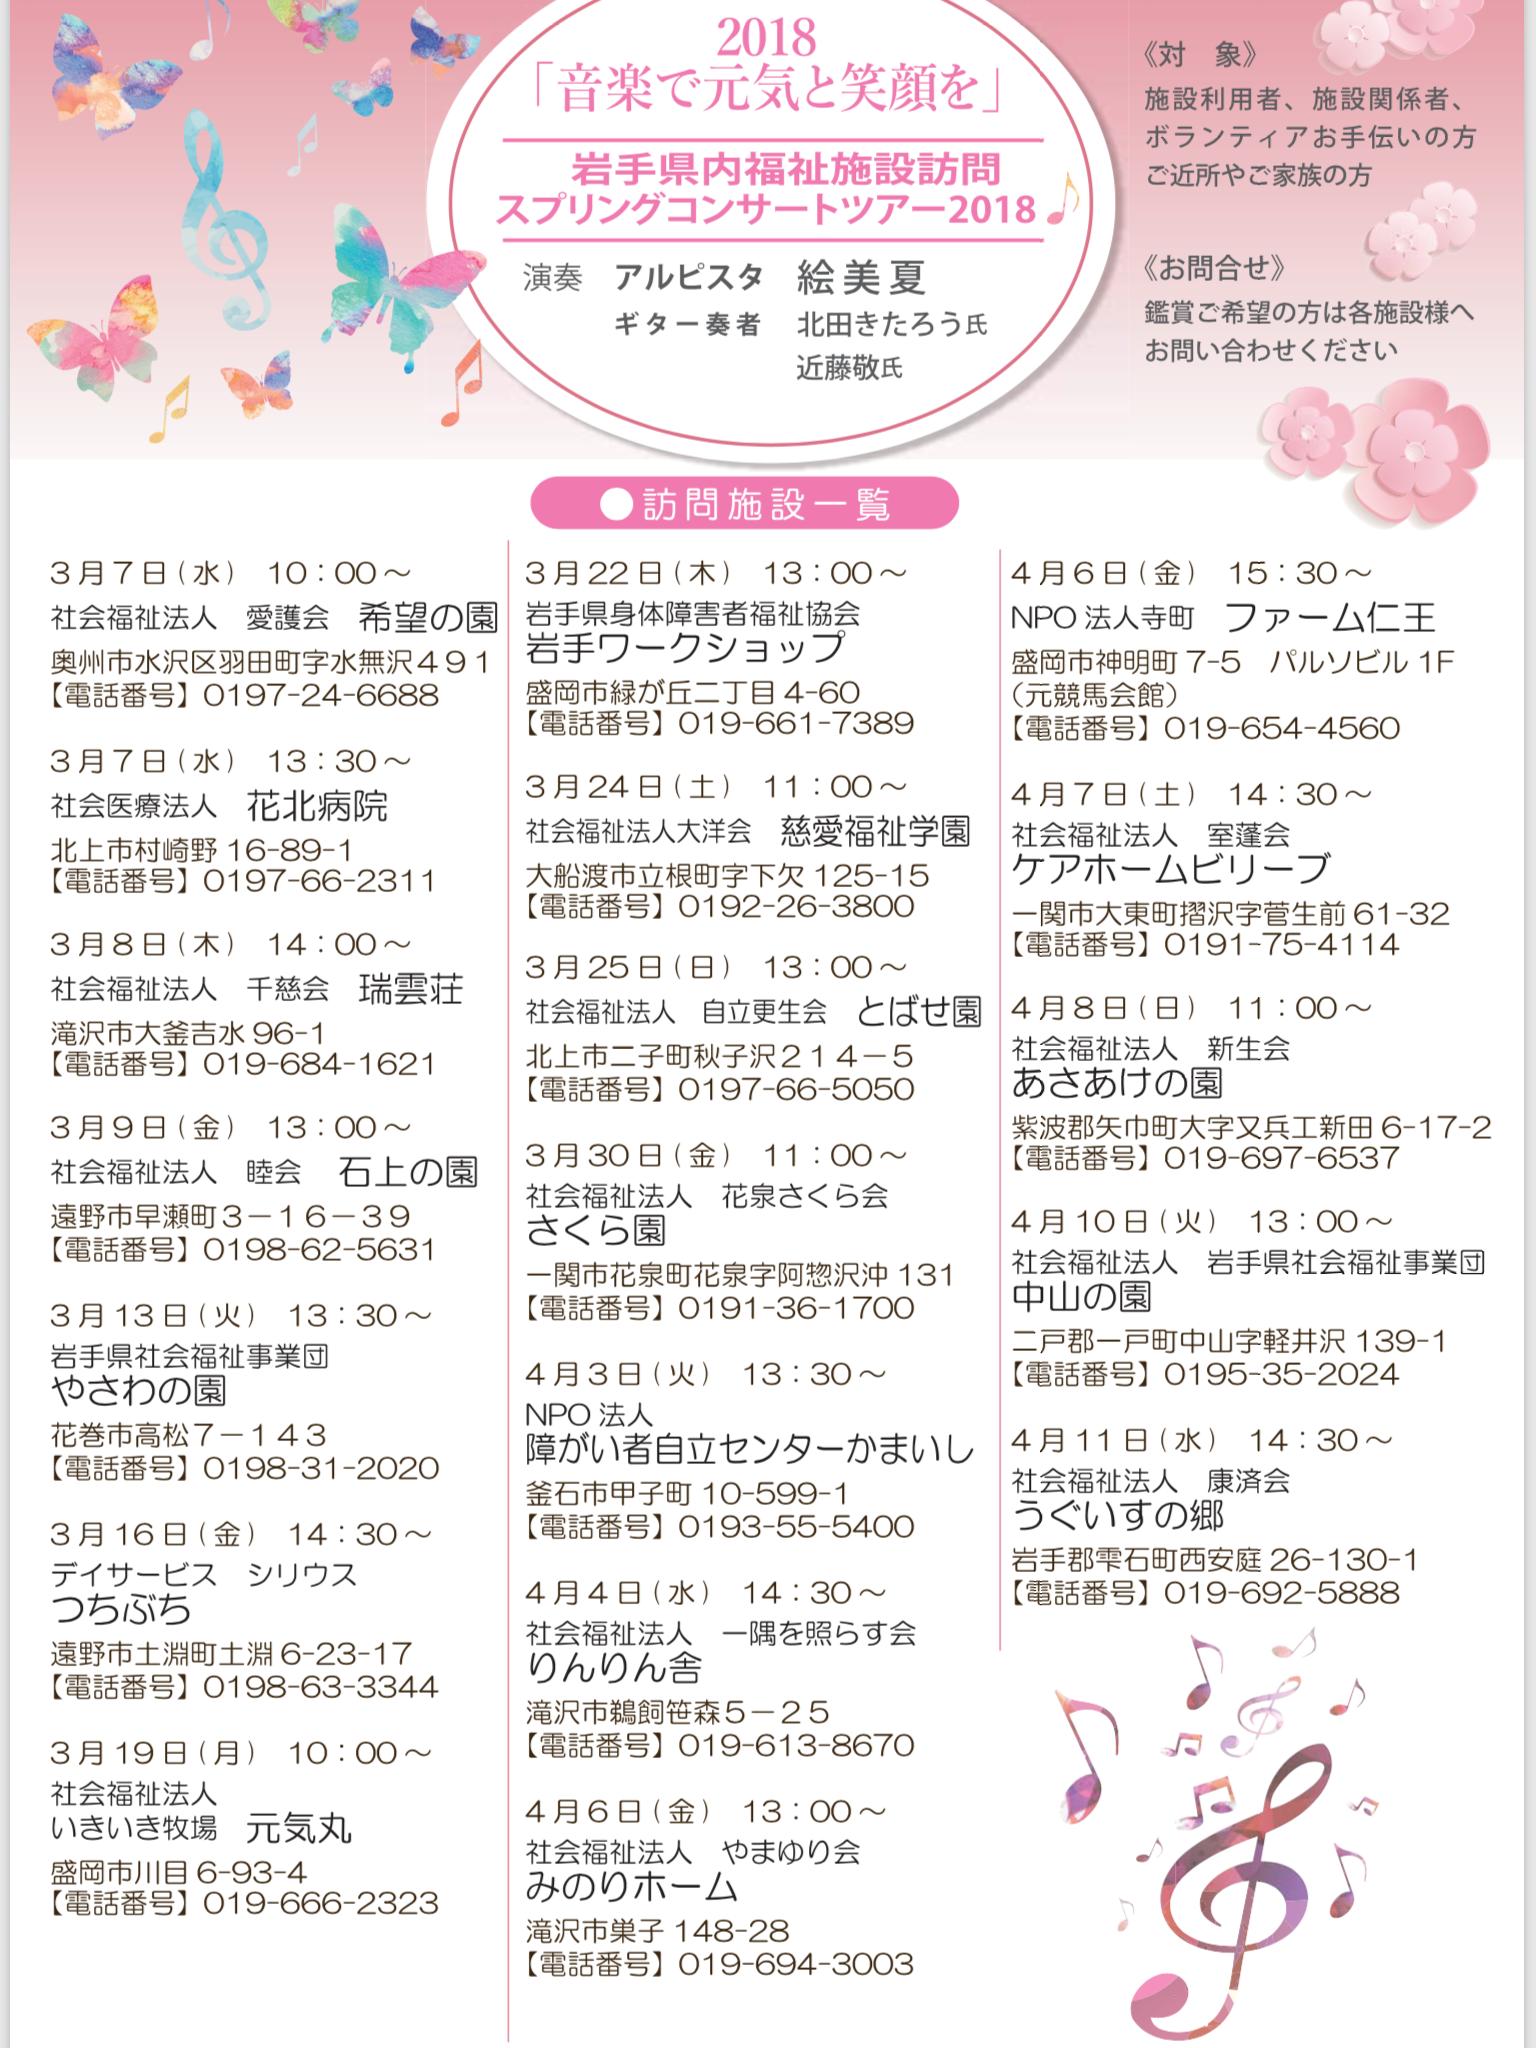 岩手県内福祉施設訪問スプリングコンサートツアー2018(3/7〜4/11)